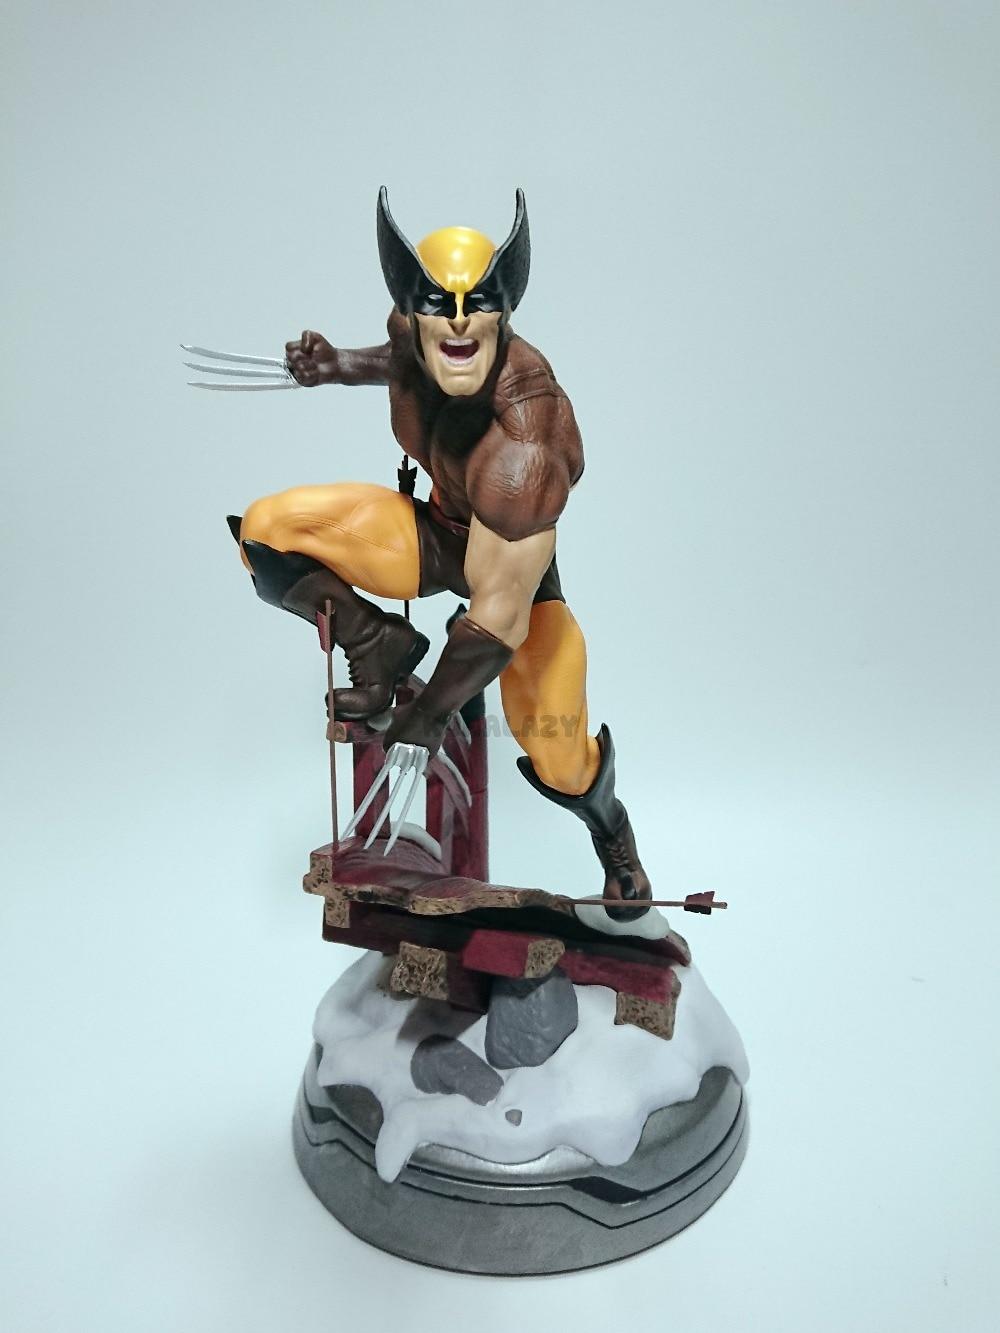 Wolverine Figure Logan Justice League ARTFX+ X Force Statue X MEN Weapon X Iron Man Action Figure Model Collection Toy<br>